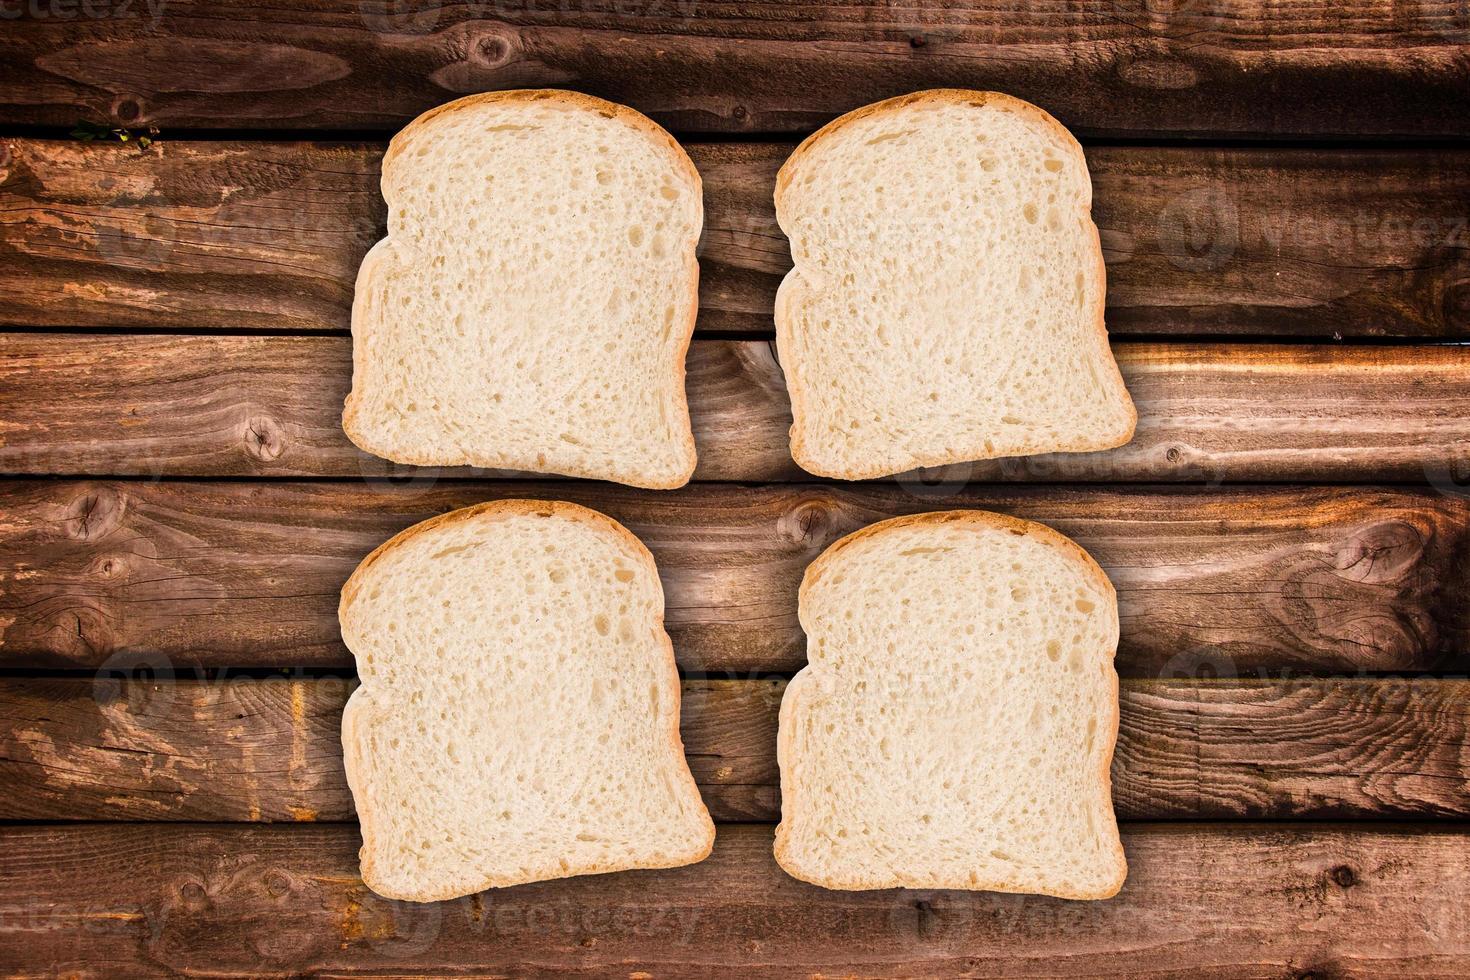 vier Scheiben Brot, auf Holzbrettern Hintergrund foto